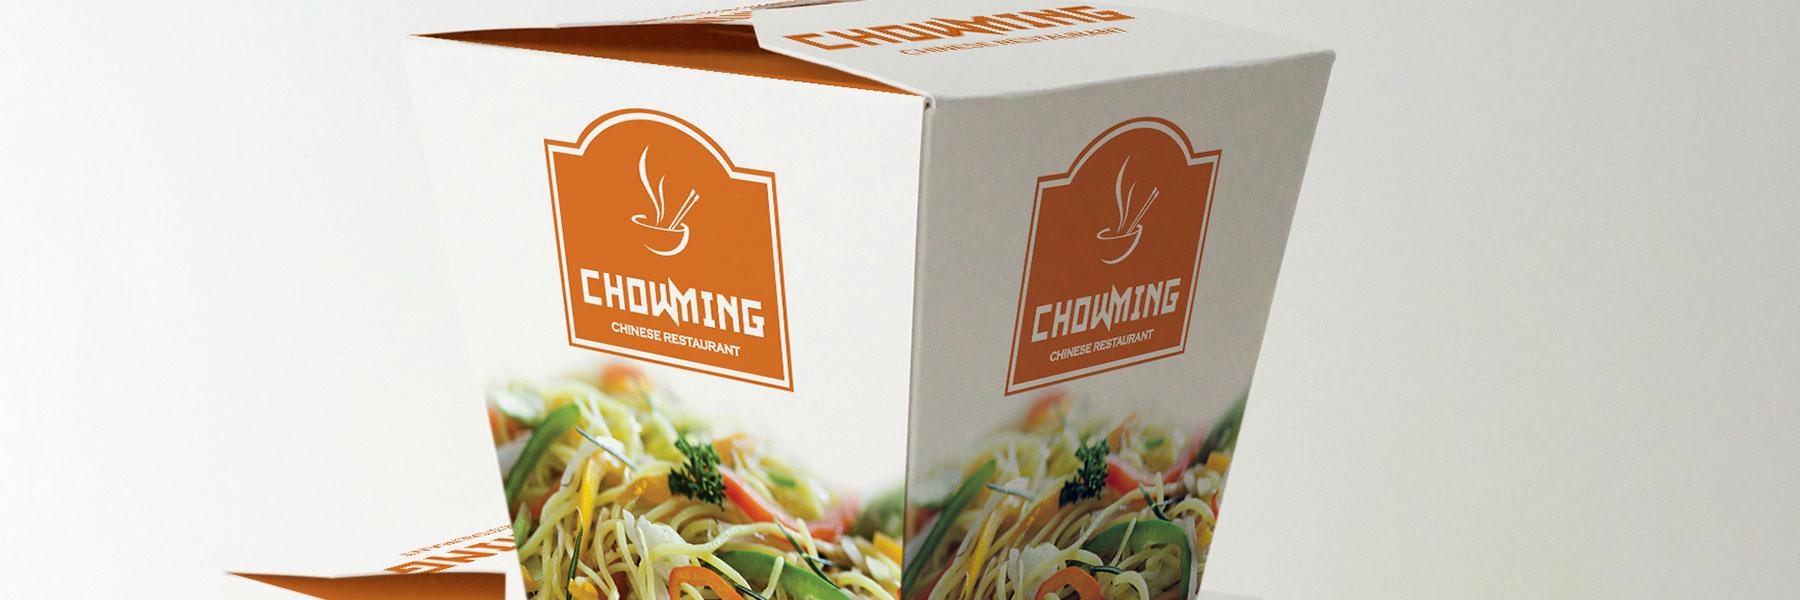 Chowming